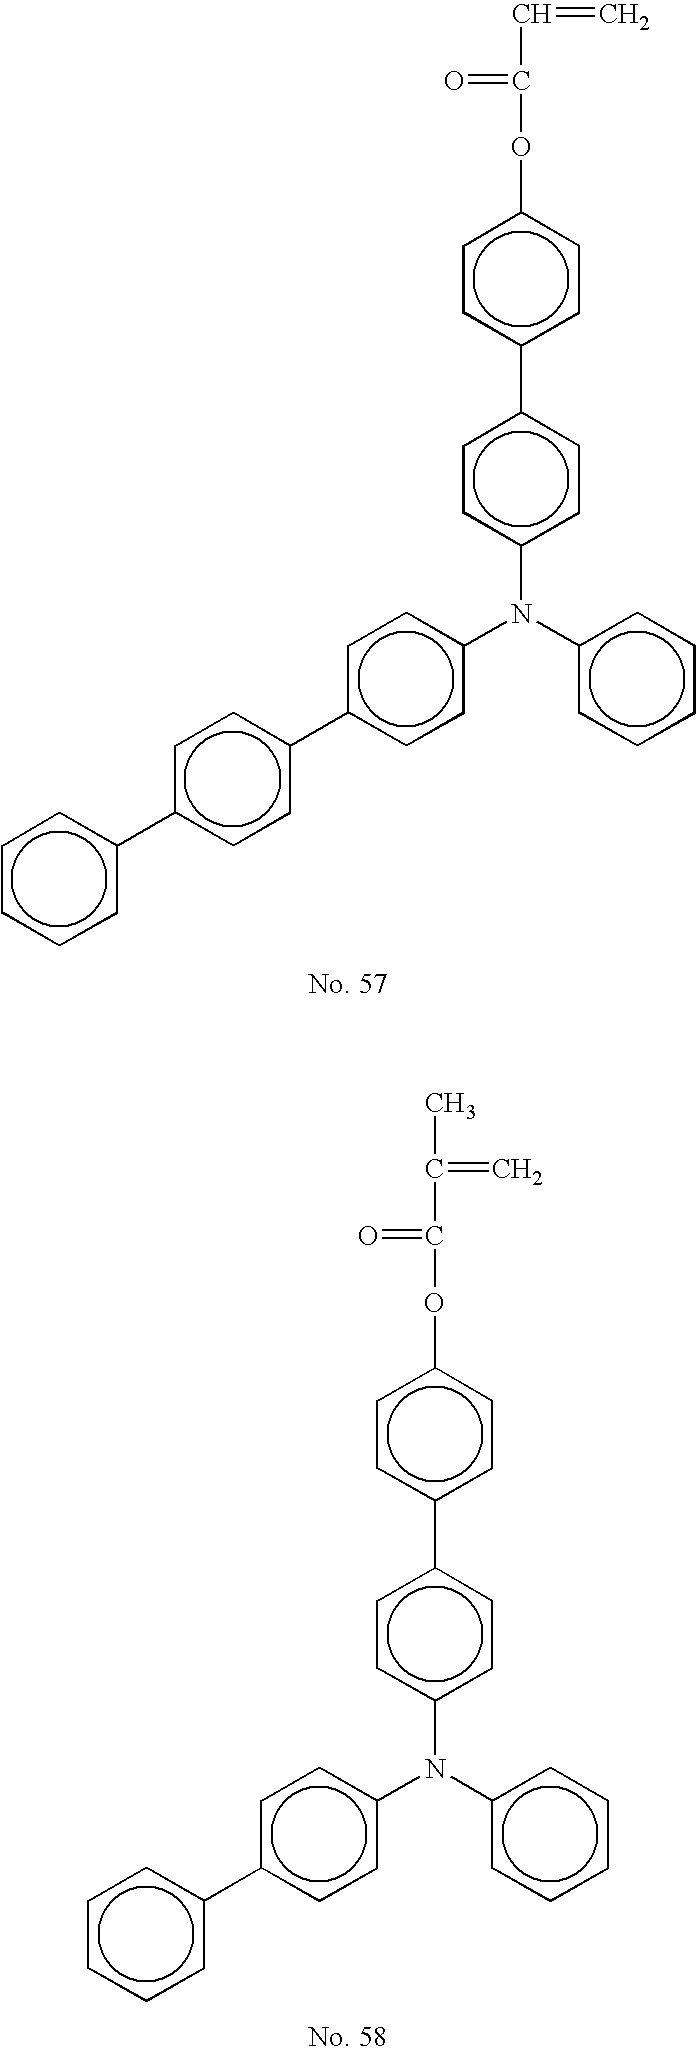 Figure US20070196749A1-20070823-C00021